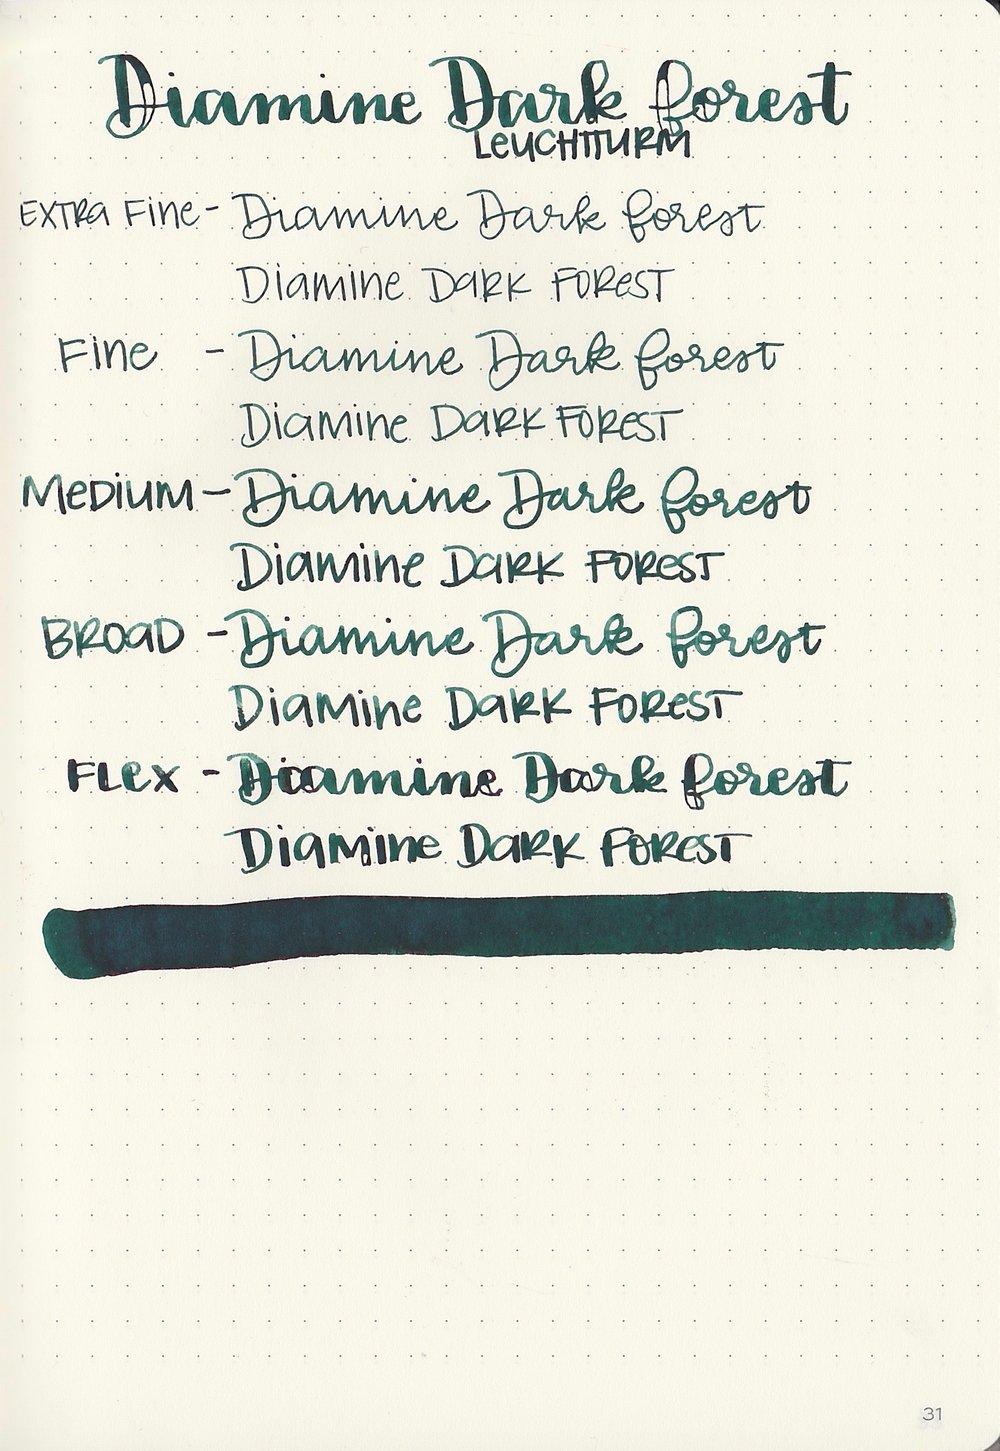 DDarkForest - 11.jpg